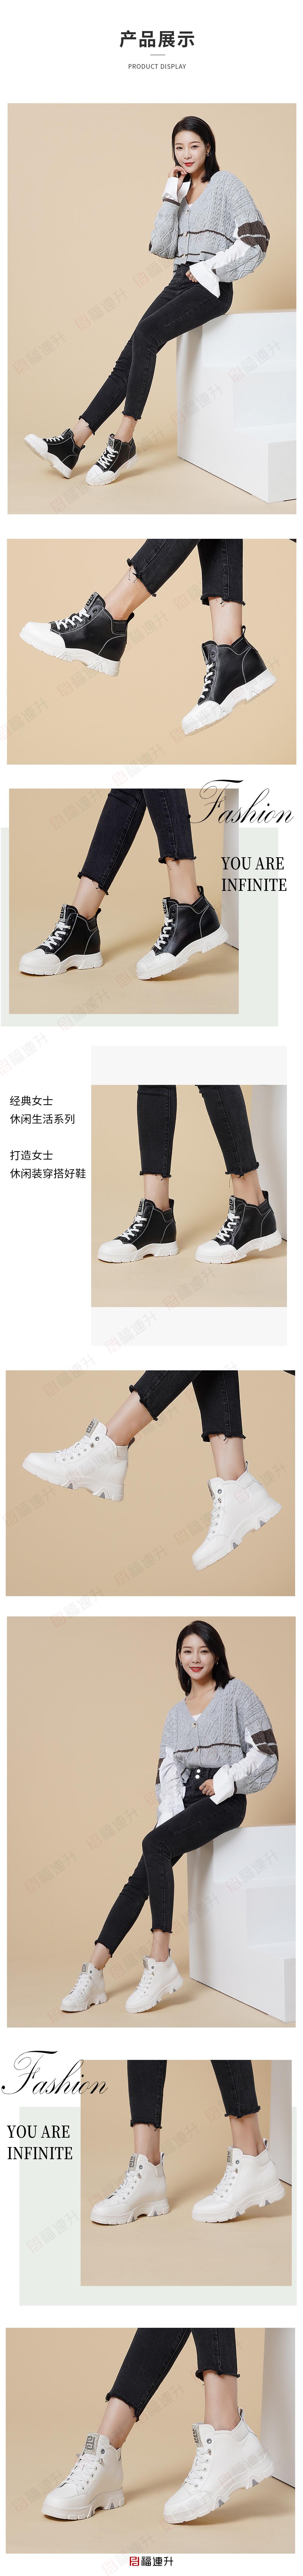 福连升健康舒适休闲鞋时尚休闲撞色高帮厚底女鞋图片